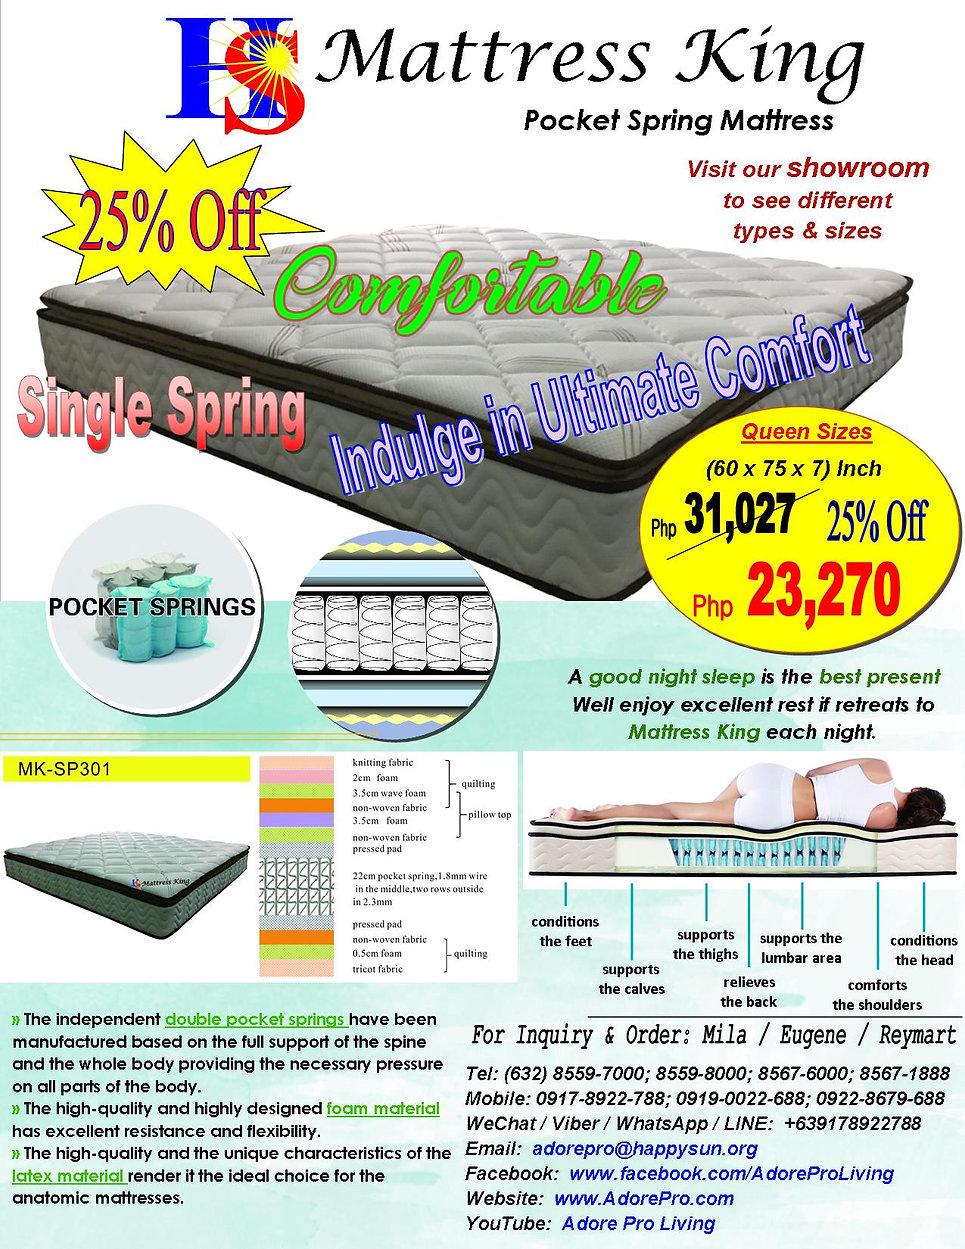 MattressKing_PocketSpring_MK-SP301_Sales